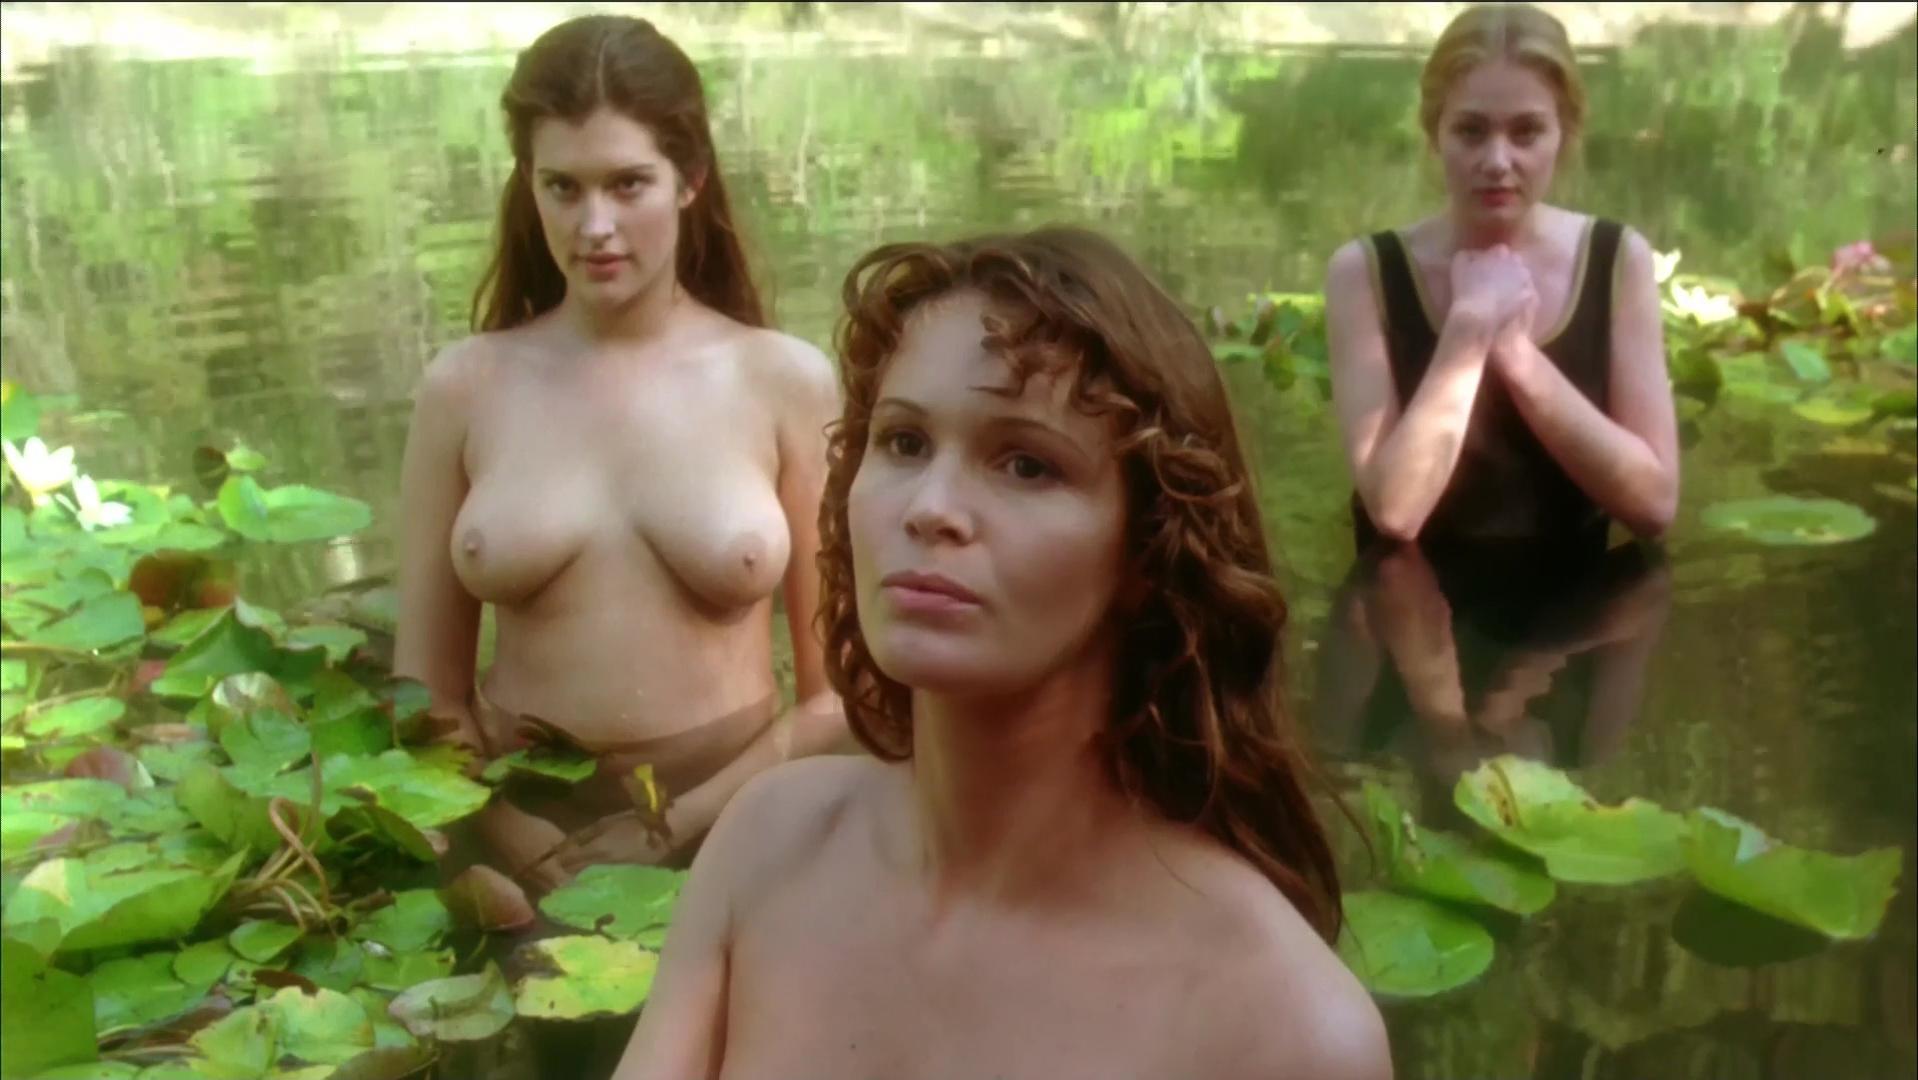 Tiny young jailbait girls half naked in mini skirt